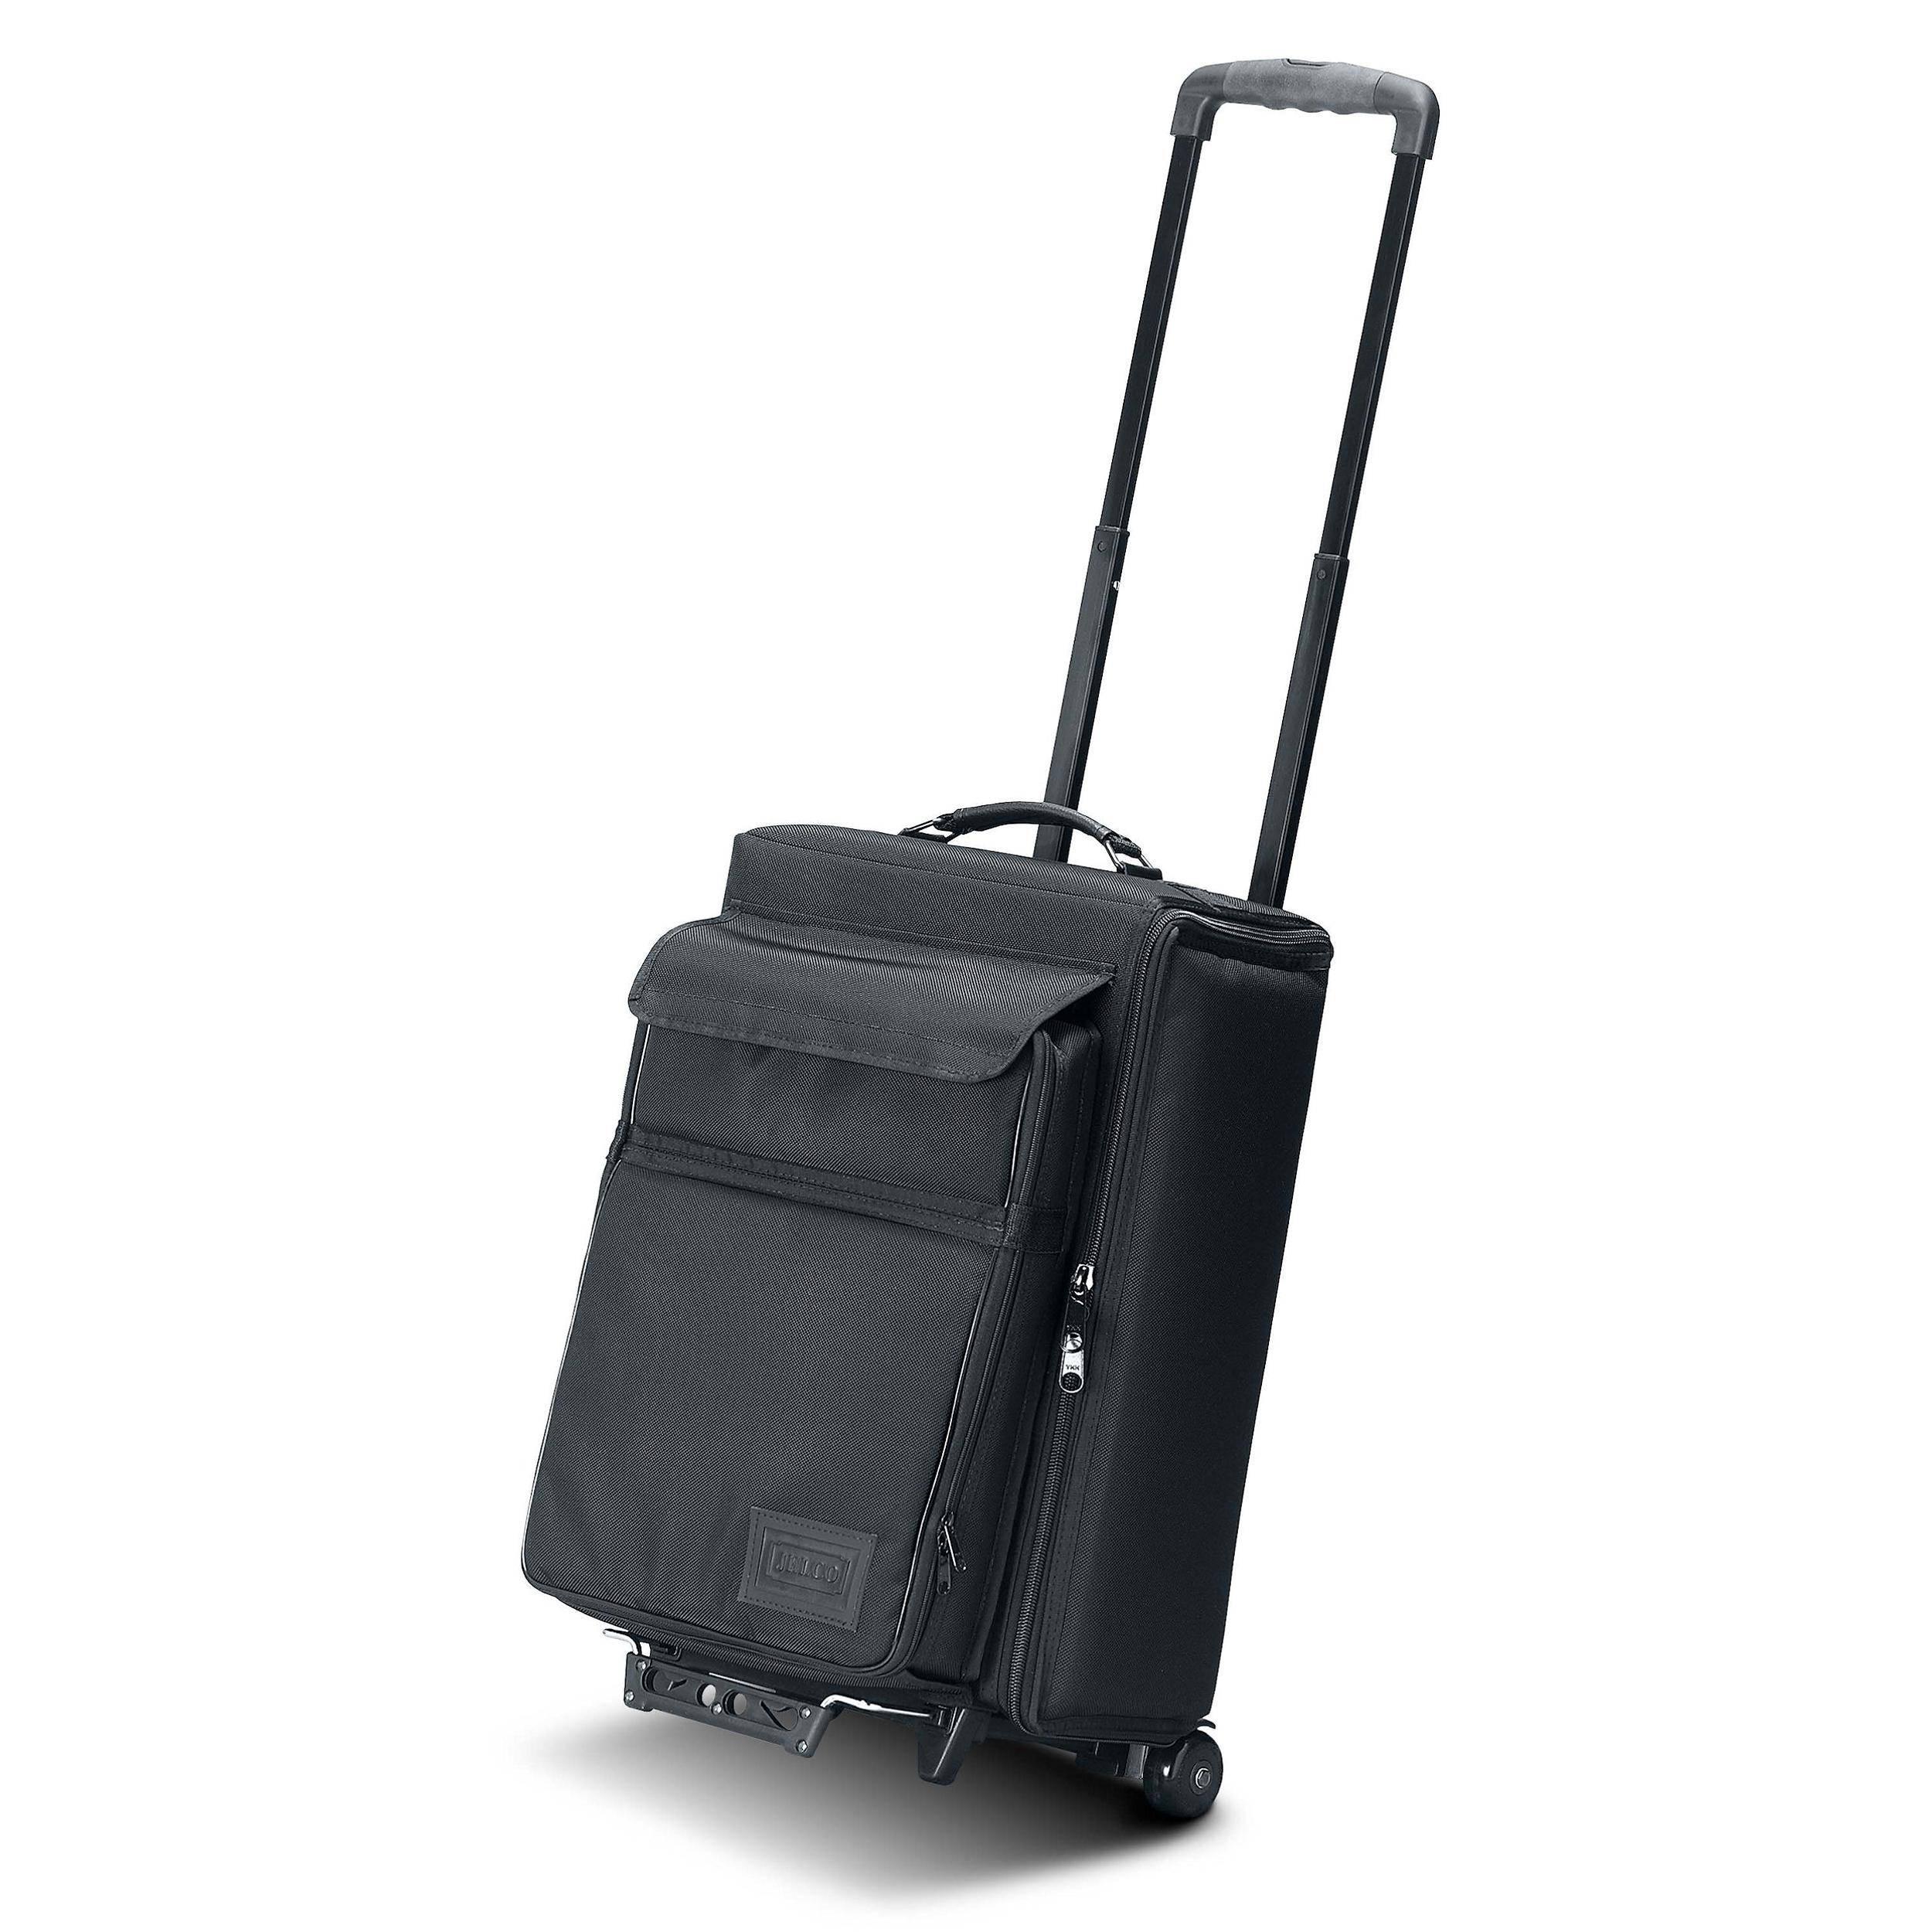 jelco jel 1666 rp padded hard side travel case jel 1666rp b h. Black Bedroom Furniture Sets. Home Design Ideas